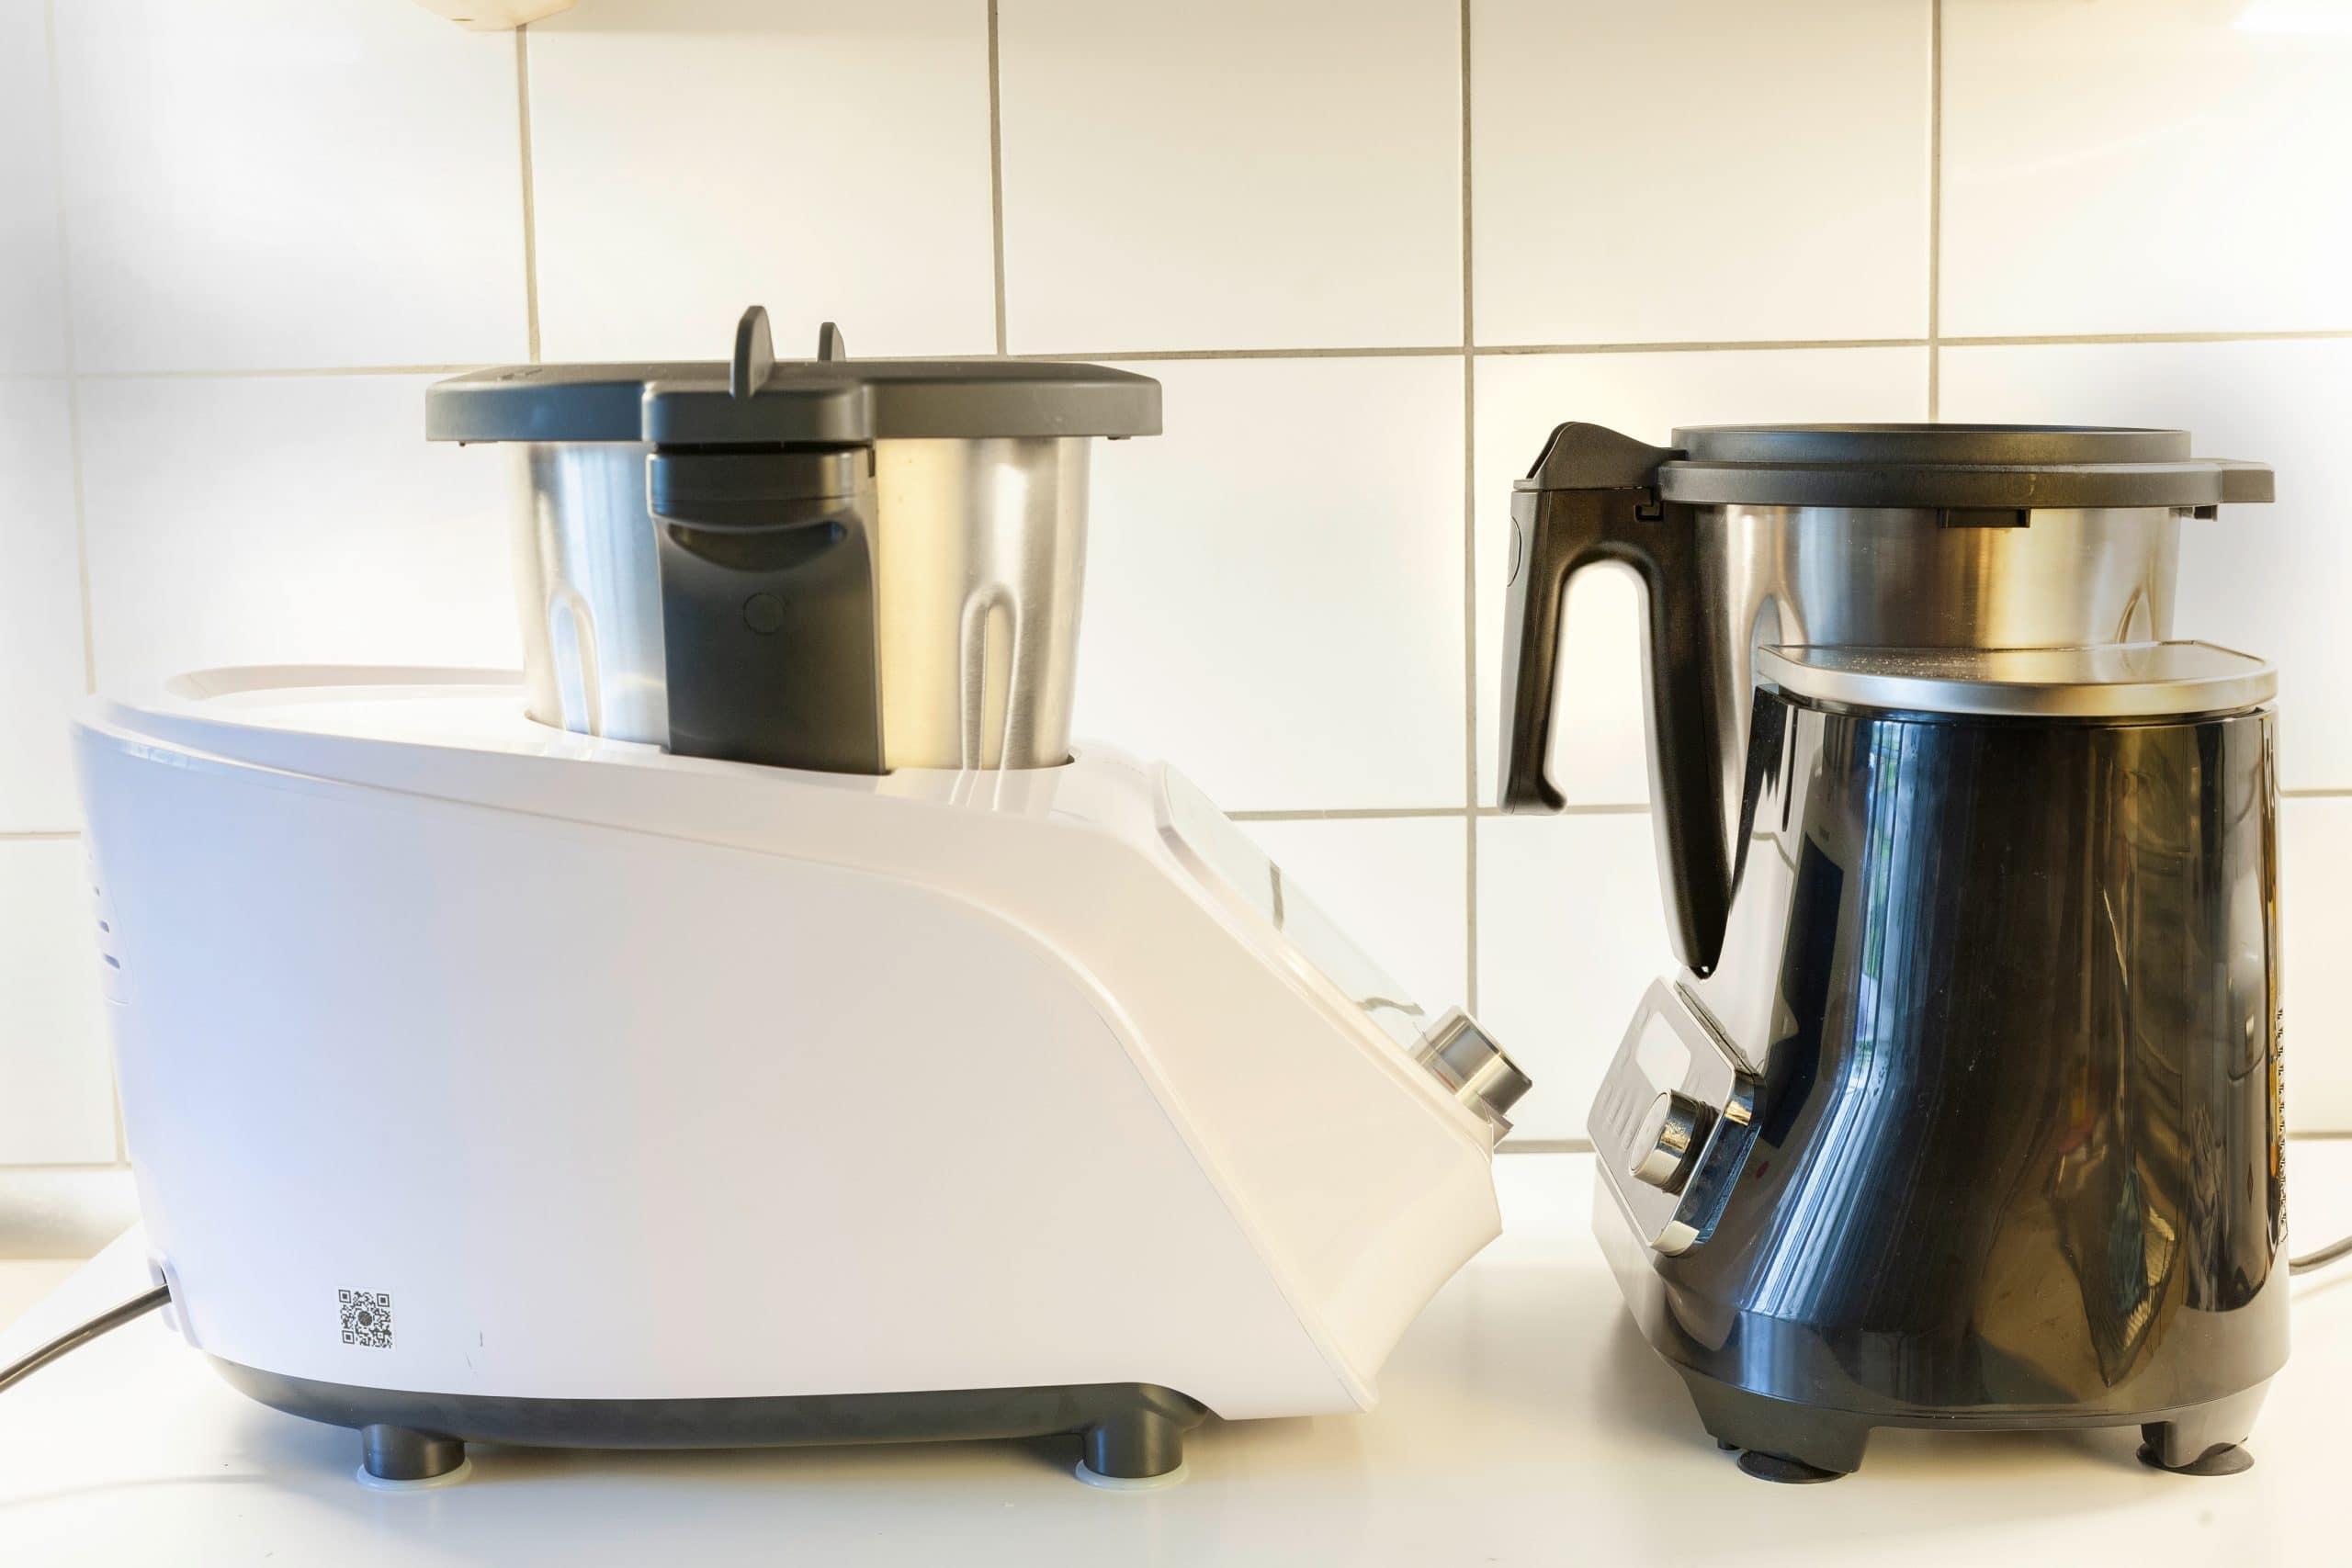 Küchenmaschinen Größe im Vergleich